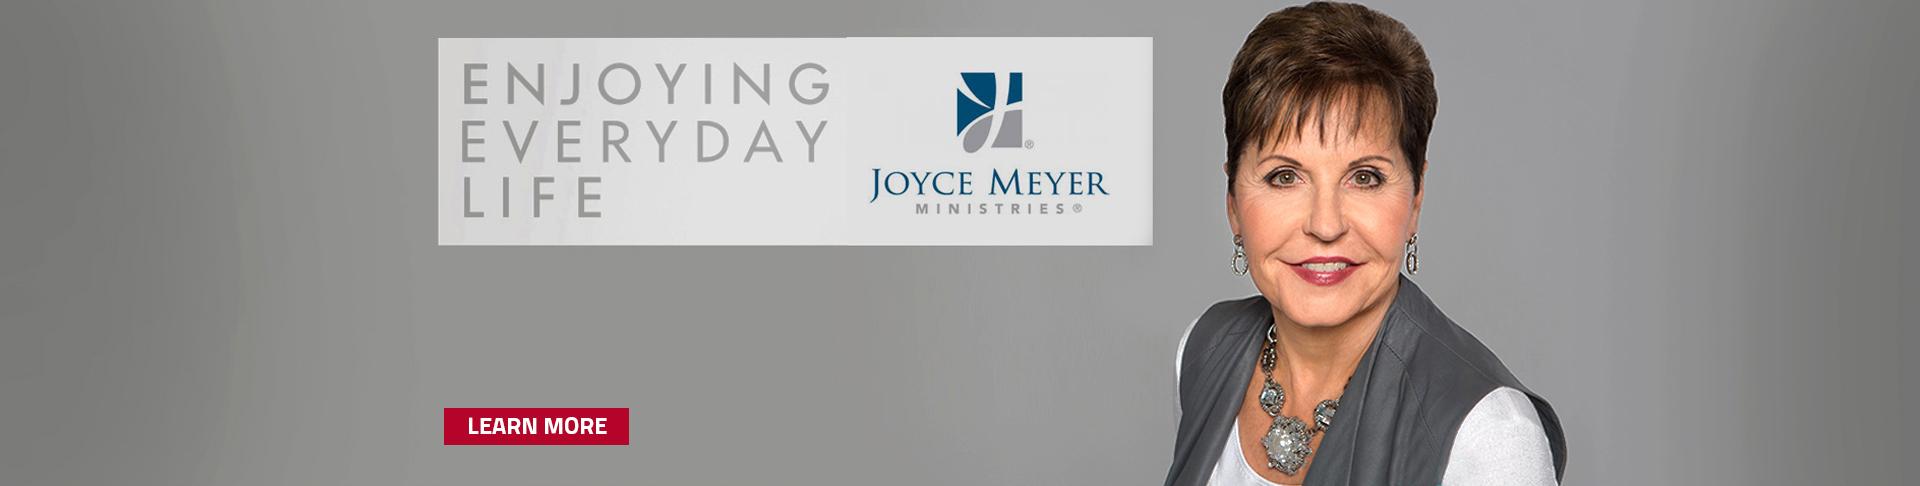 joycemeyer2.jpg